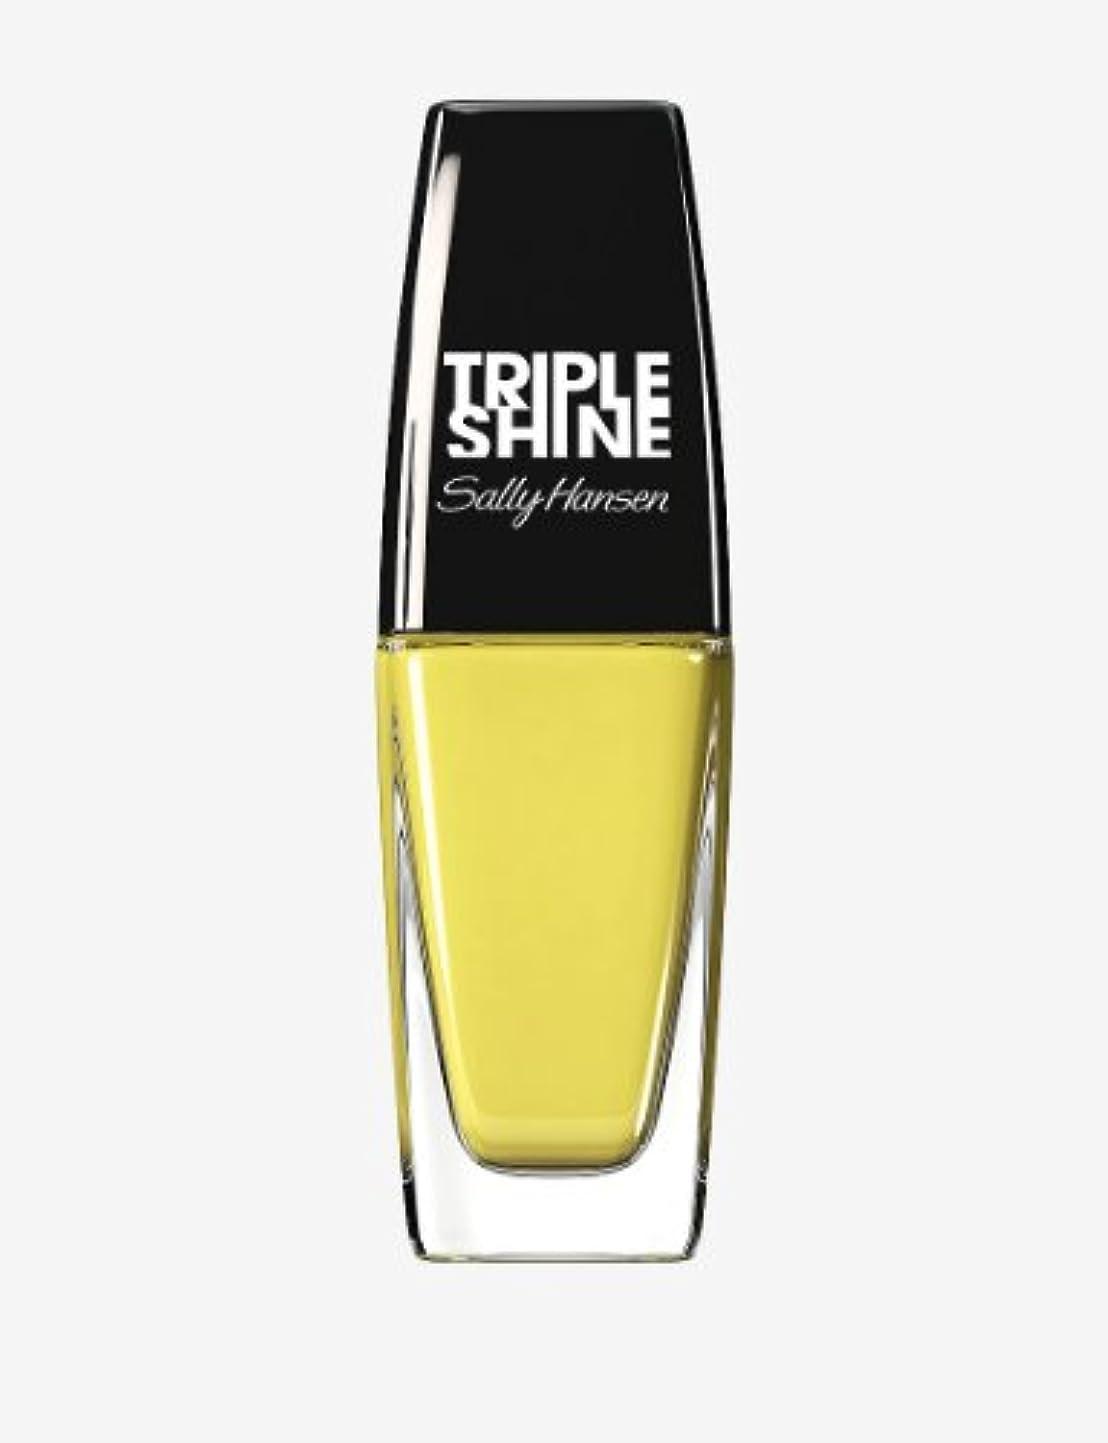 データベース手当衣装SALLY HANSEN Triple Shine Nail Polish - Statemint (並行輸入品)